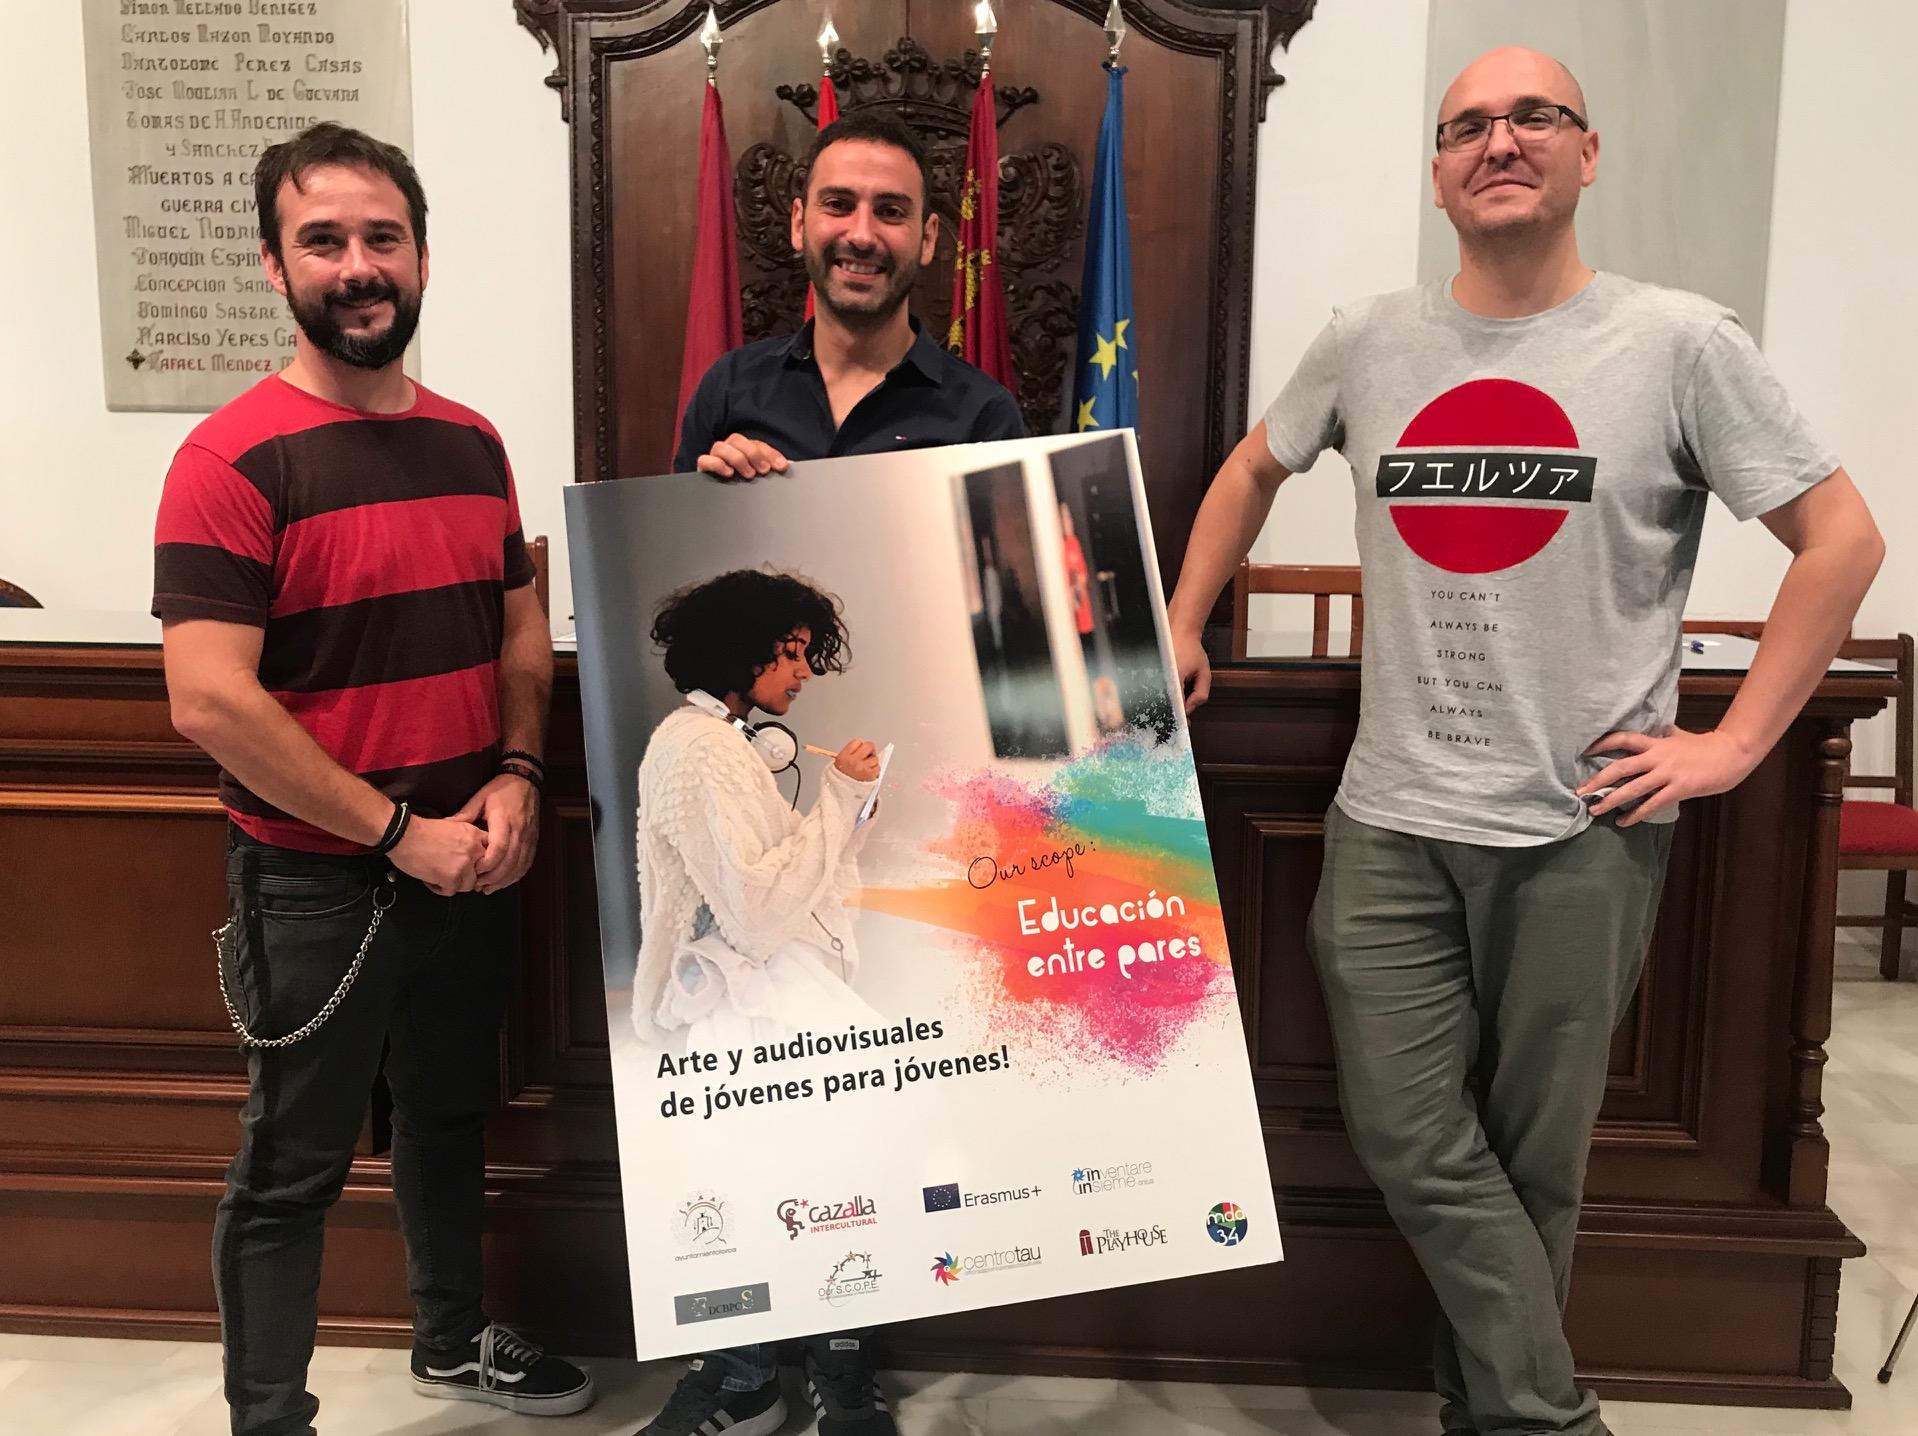 El proyecto «Our Scope» permitirá a jóvenes lorquinos impartir talleres audiovisuales y artísticos